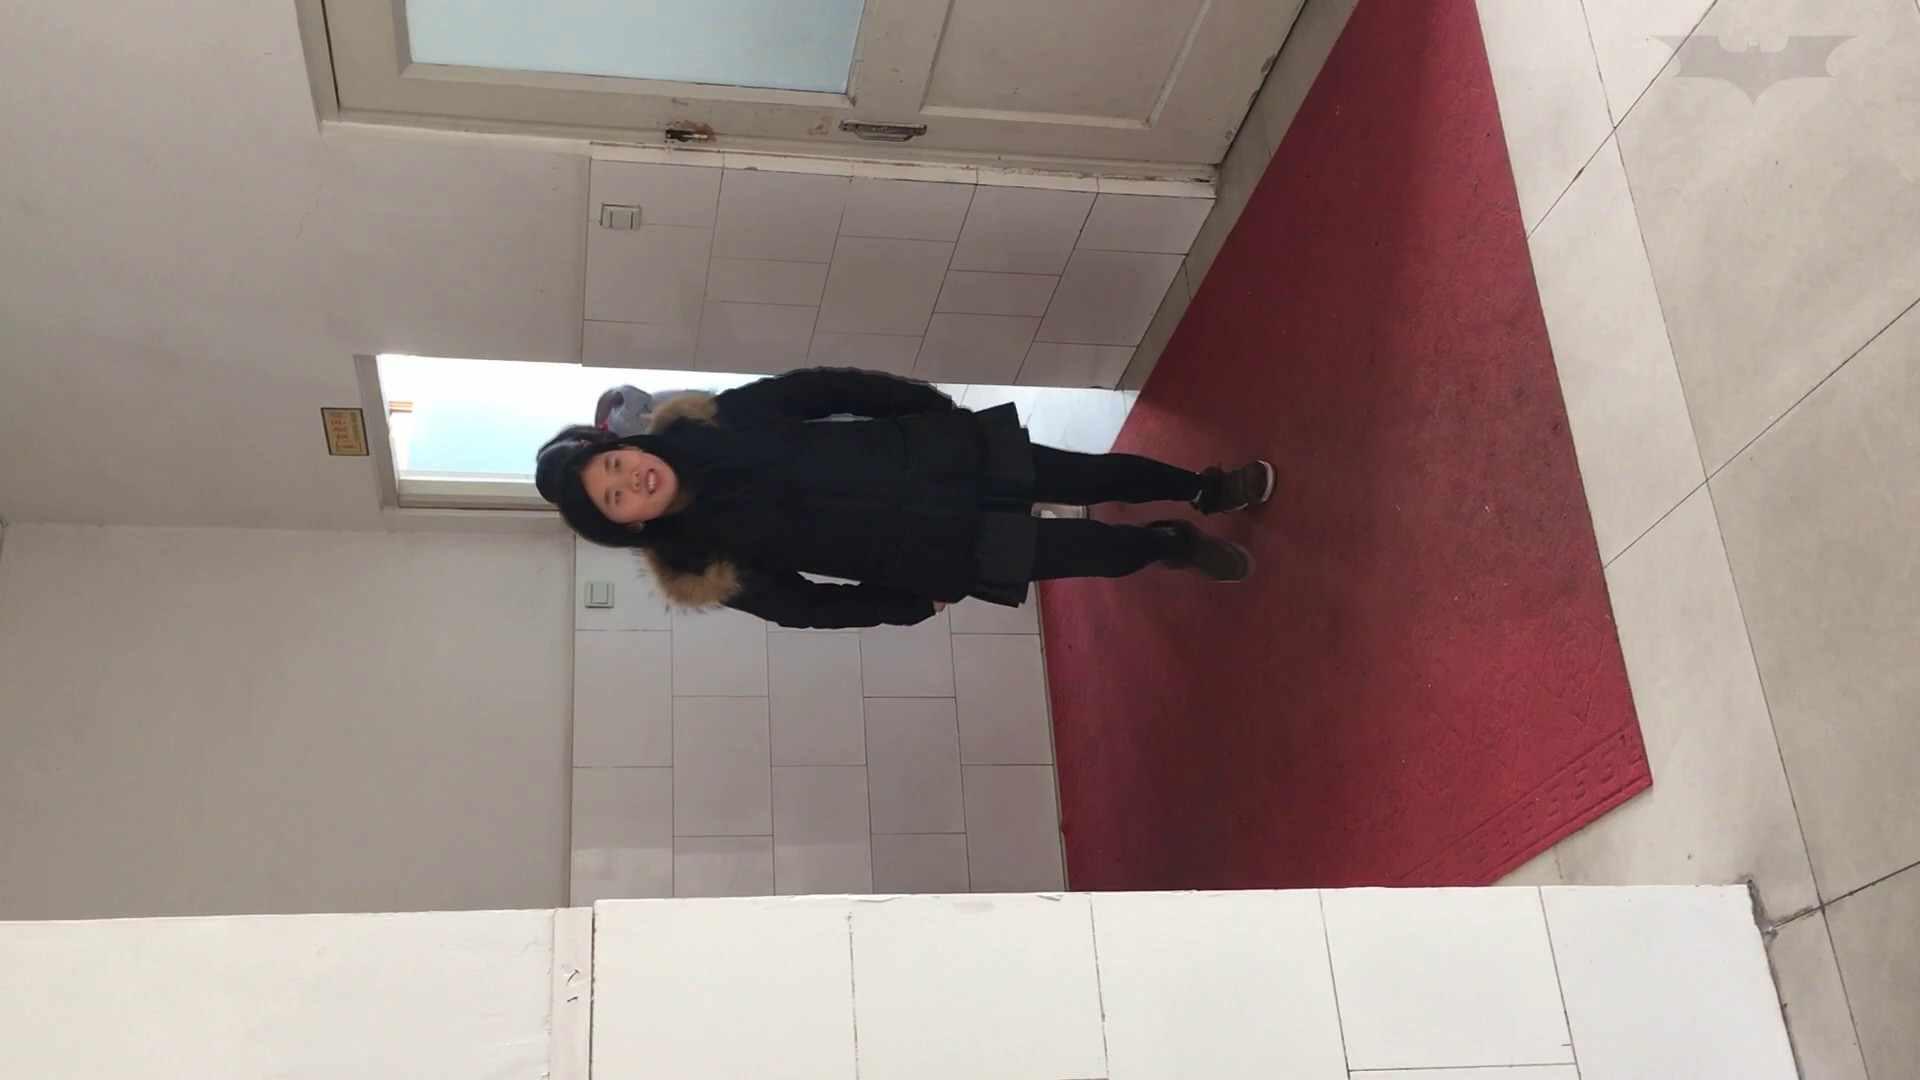 芸術大学ガチ潜入盗sati JD盗撮 美女の洗面所の秘密 Vol.95 高画質 ワレメ動画紹介 85枚 20